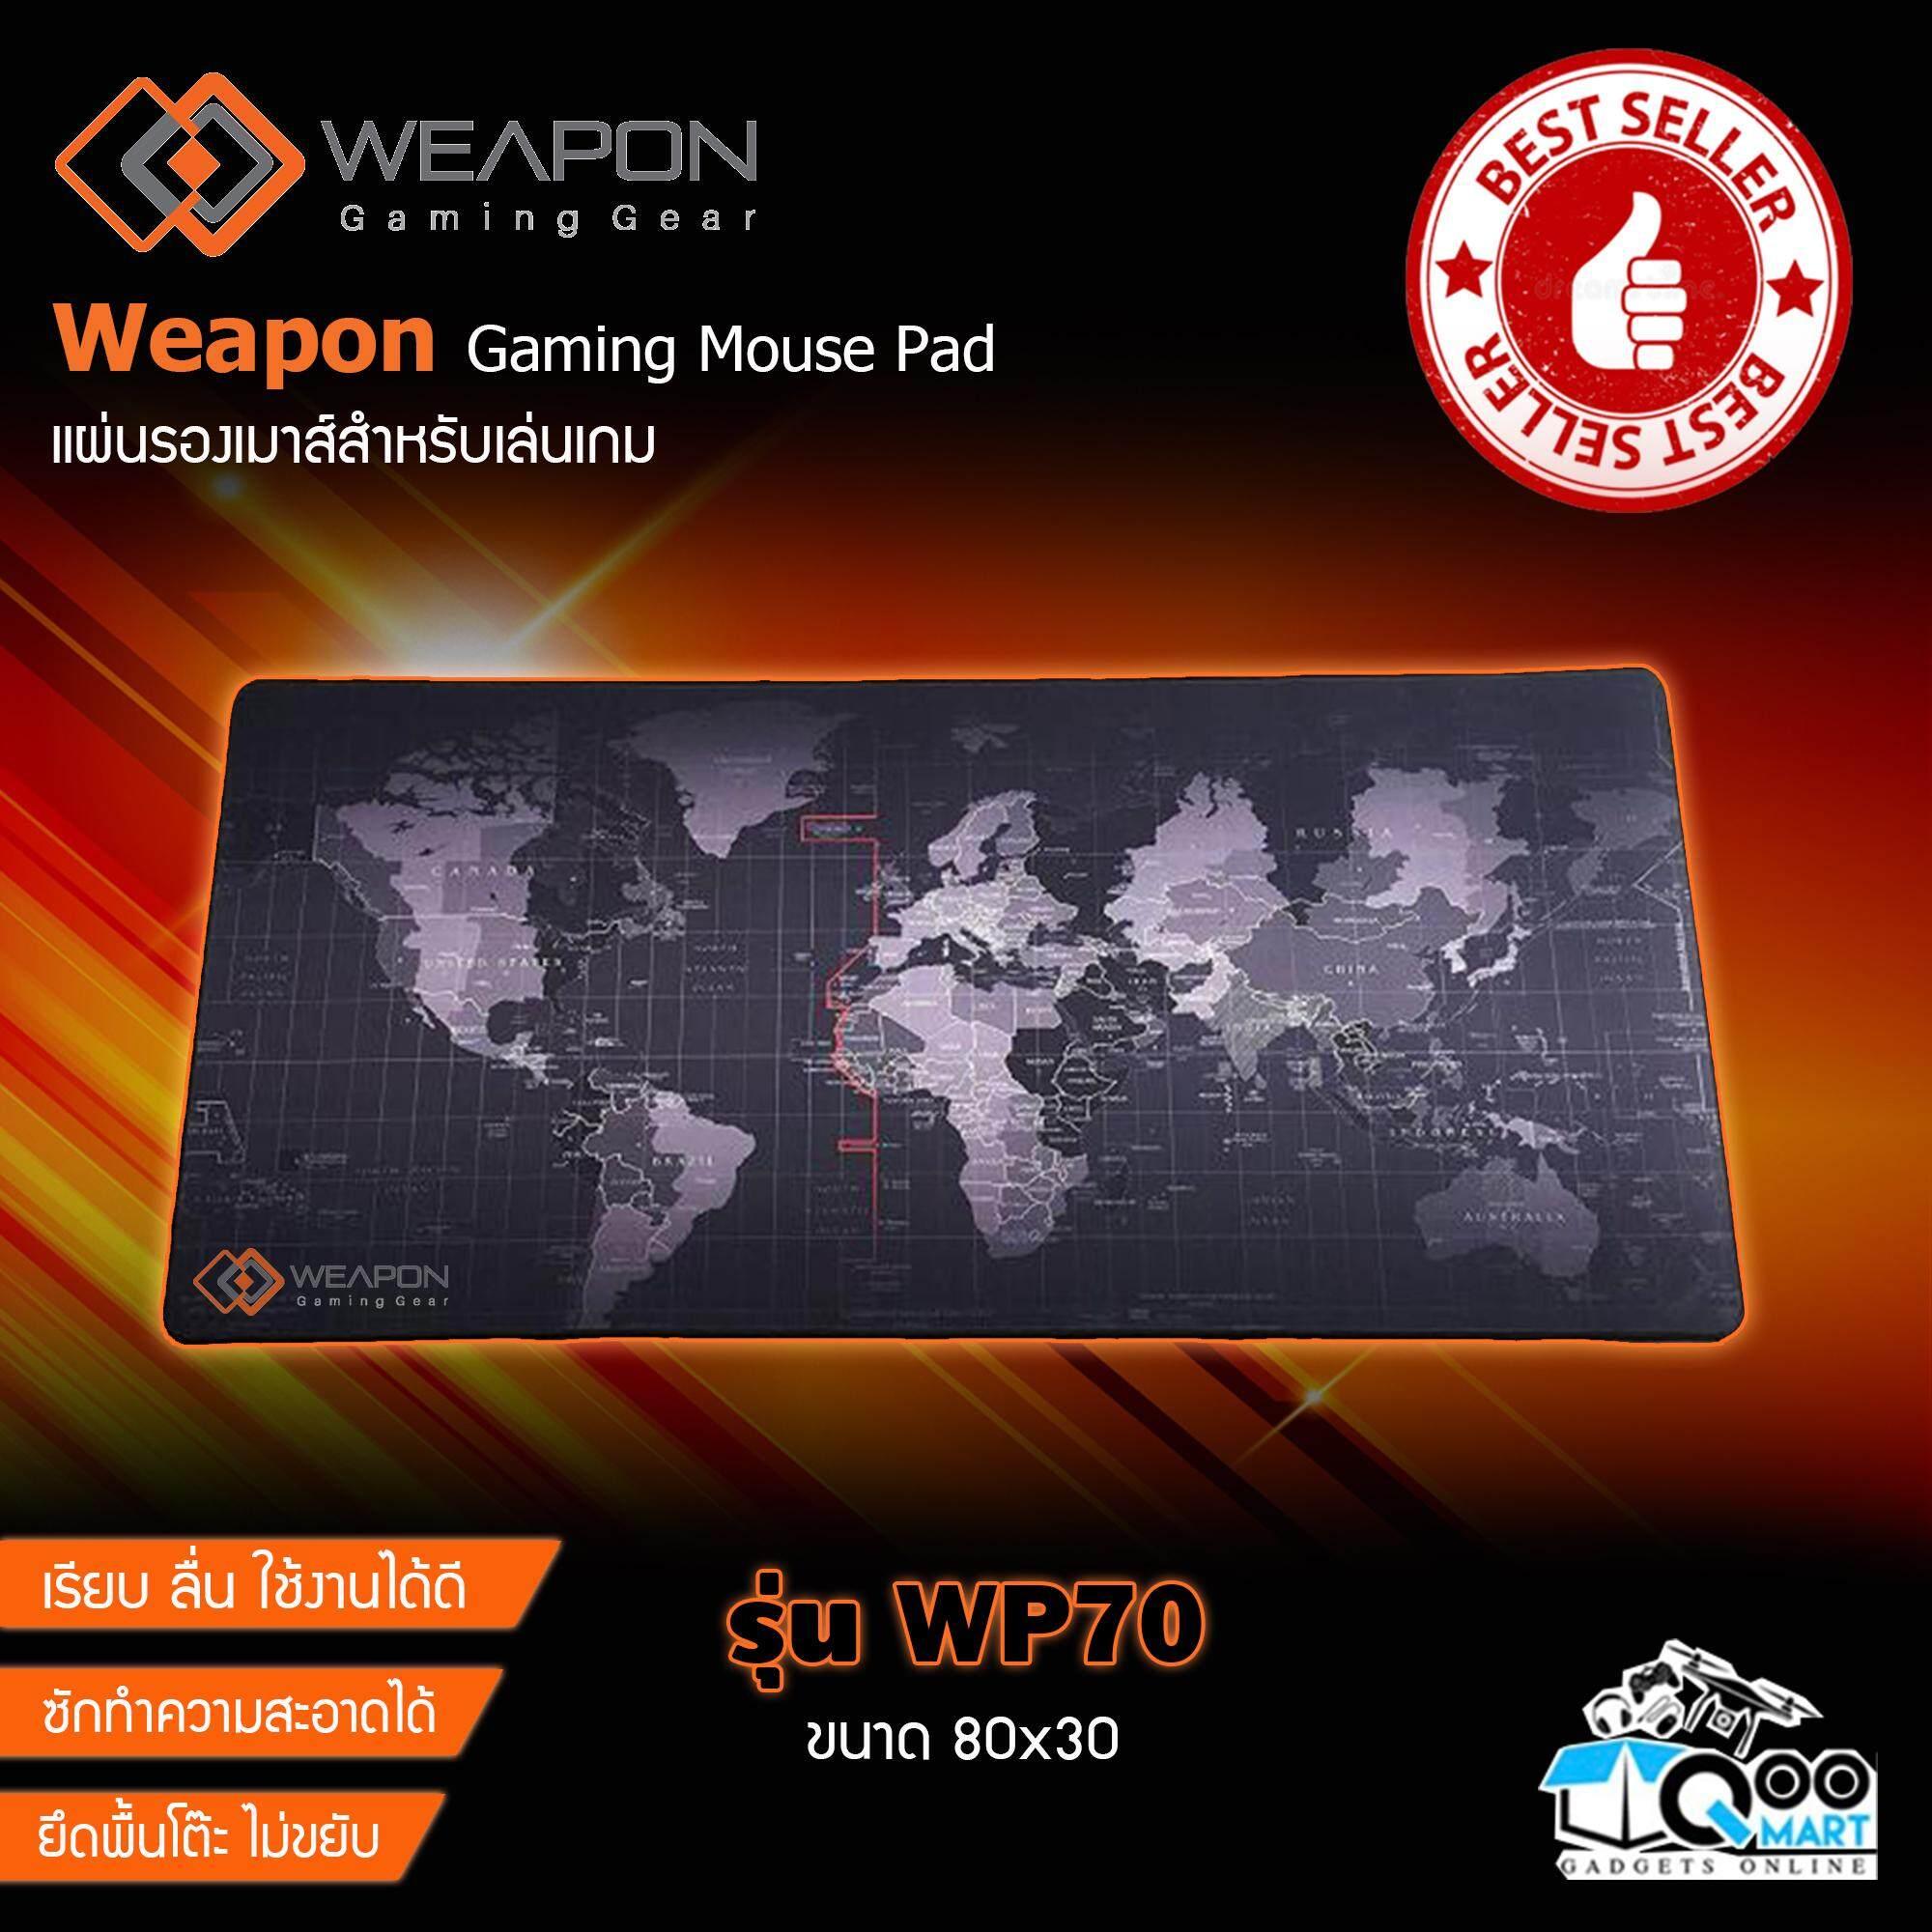 แผ่นรองเมาส์ สำหรับเล่นเกม Weapon Wp70 ขนาด 30x80 หนา 2 Mm รองได้ทั้งคีย์บอร์ดและเมาส์ .